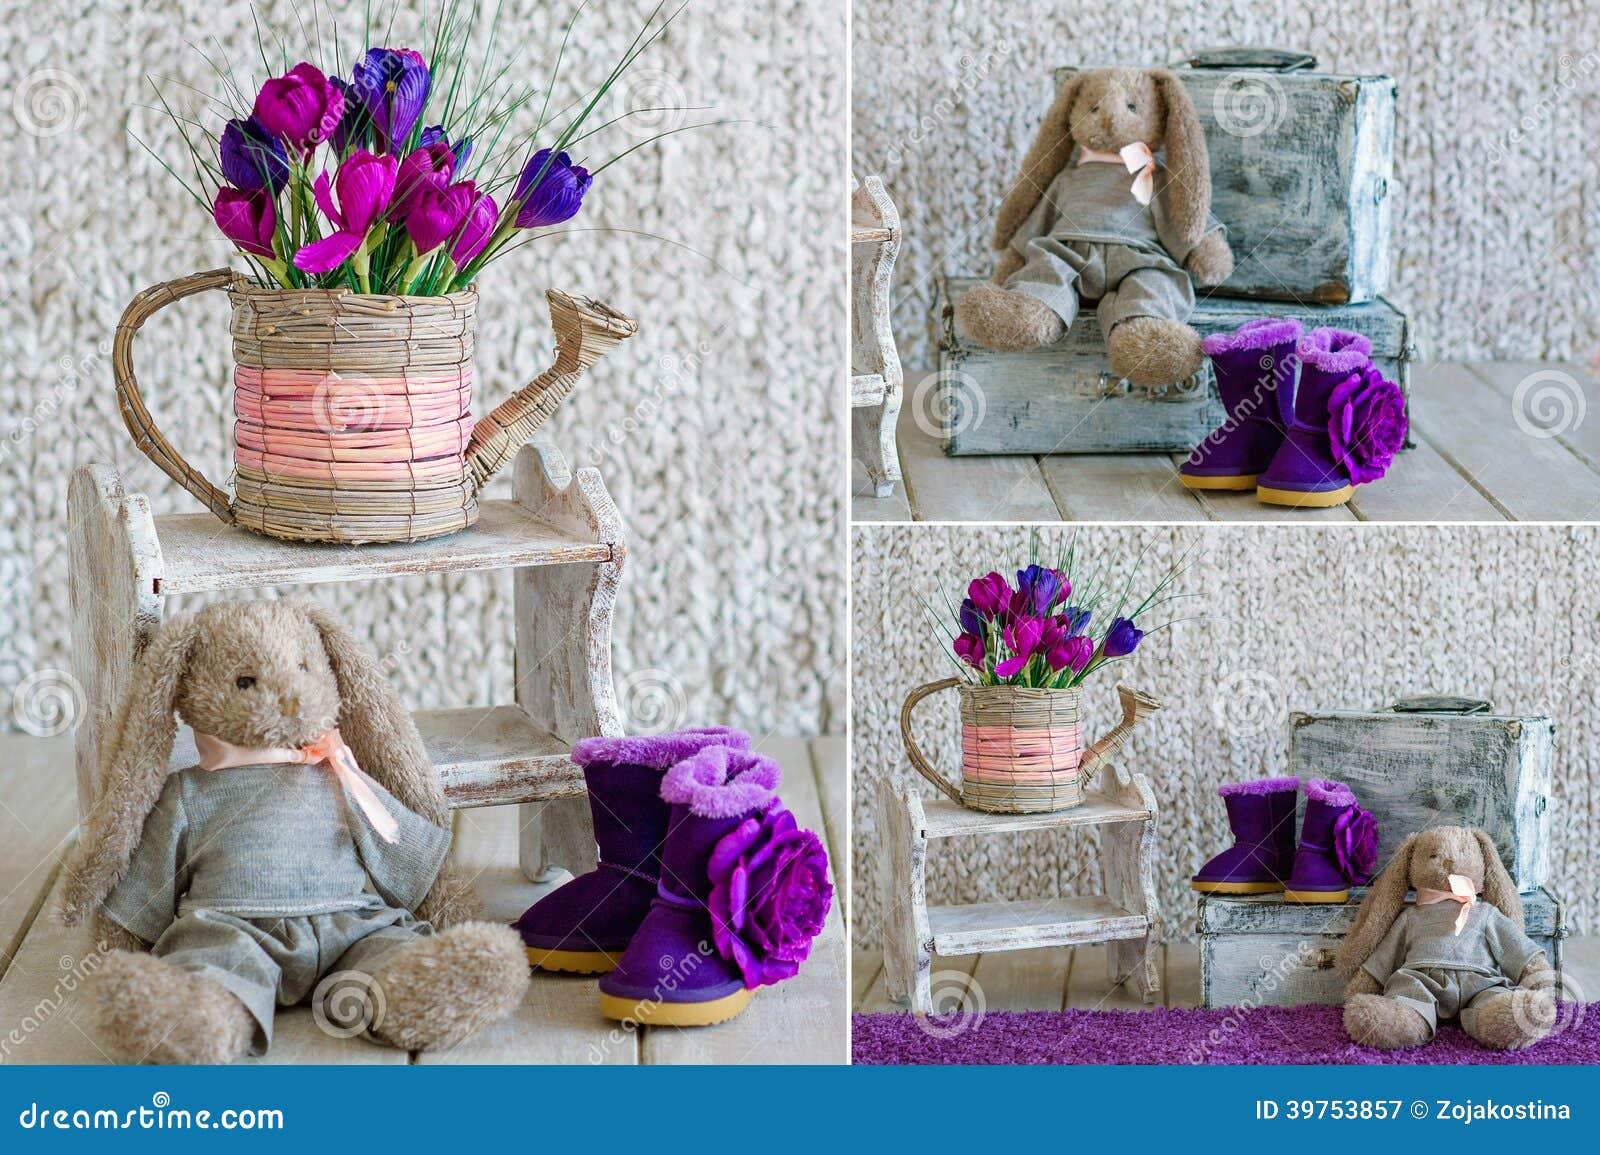 Detalles interiores de la decoraci n del vintage imagen de - Detalles vintage decoracion ...